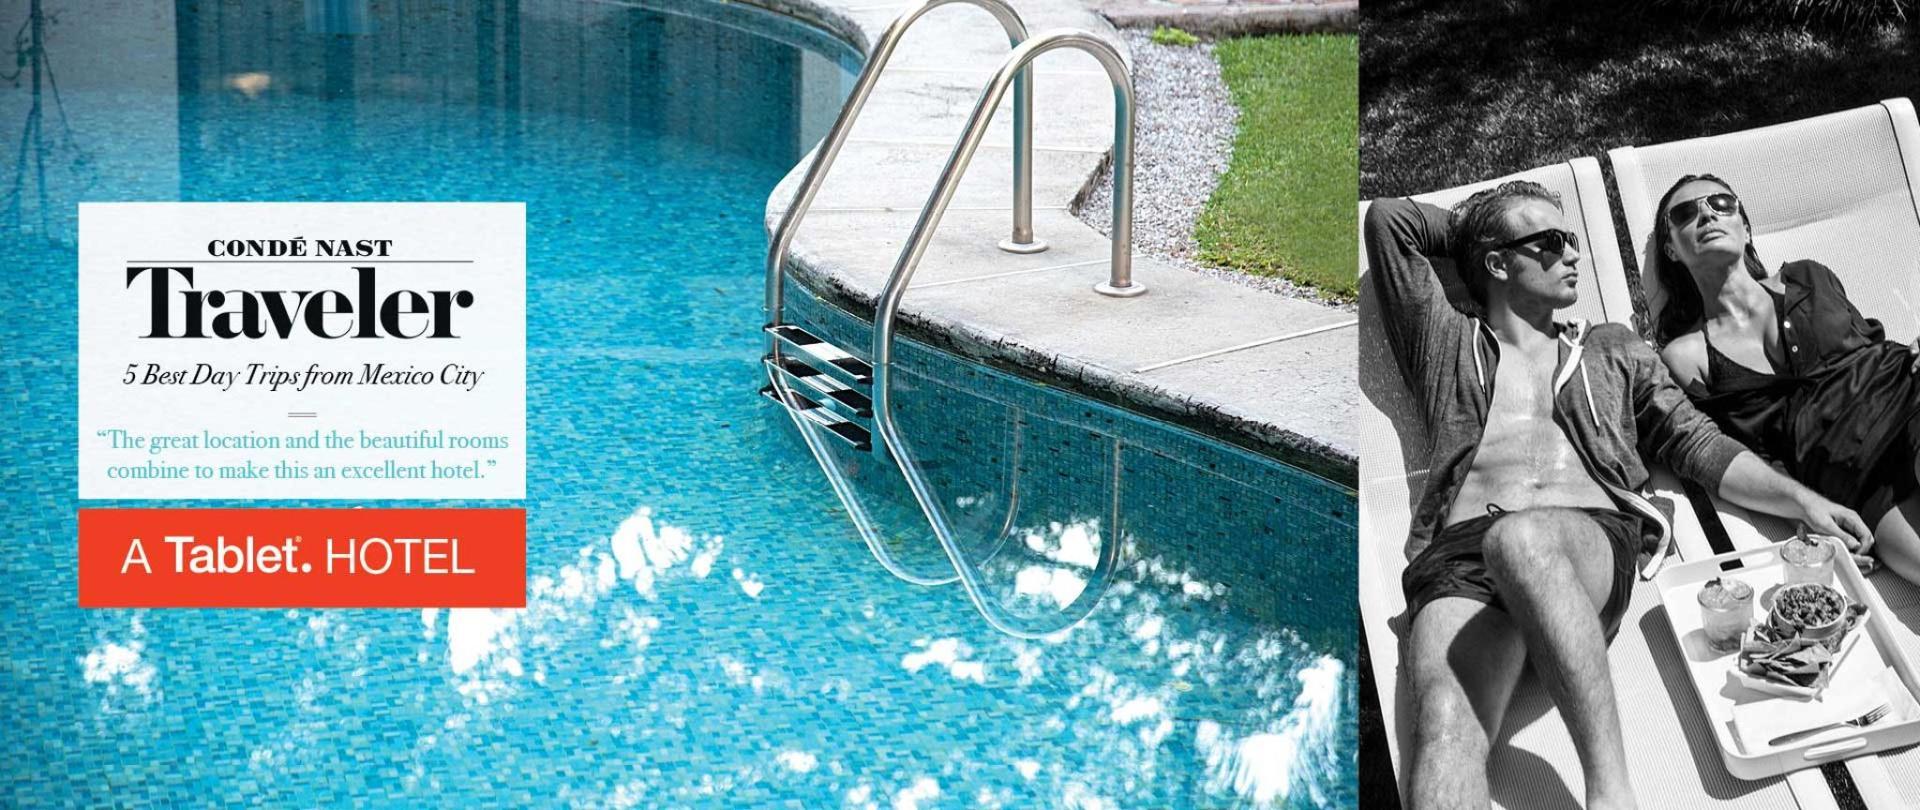 Great Location, Beautiful Rooms, Excellent Hotel. Las Casas B+B Boutique Hotel, Spa & Restaurante in Cuernavaca.